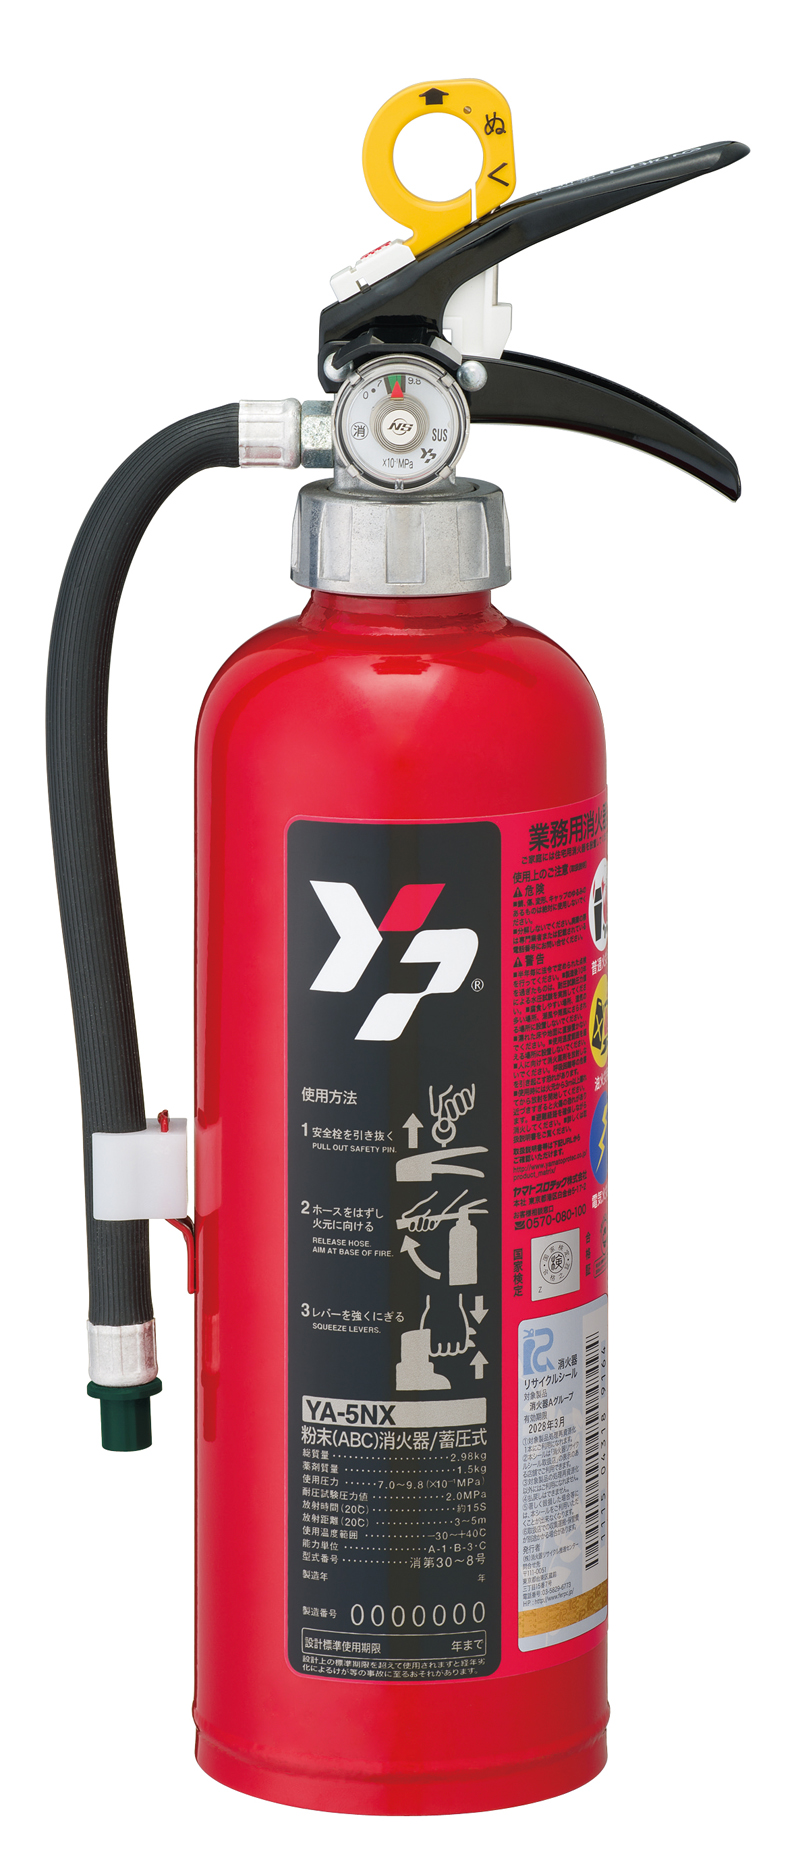 粉末(ABC)蓄圧式消火器 YA-5NX